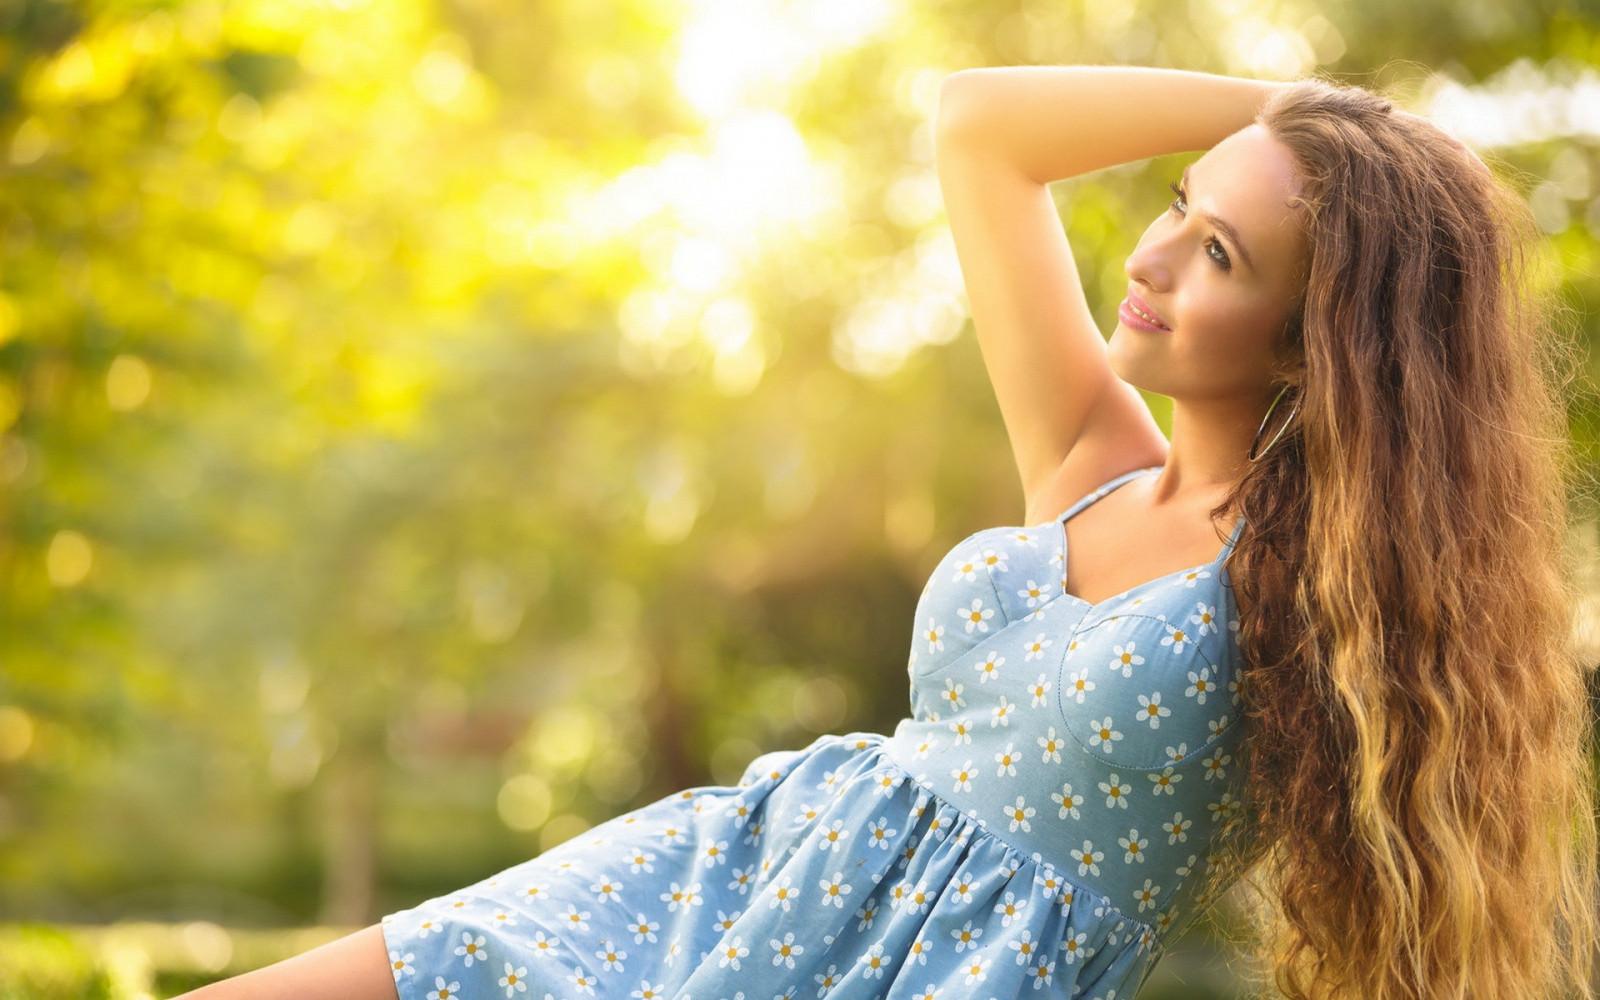 Картинки женщина лето красивые, любви картинки надписями